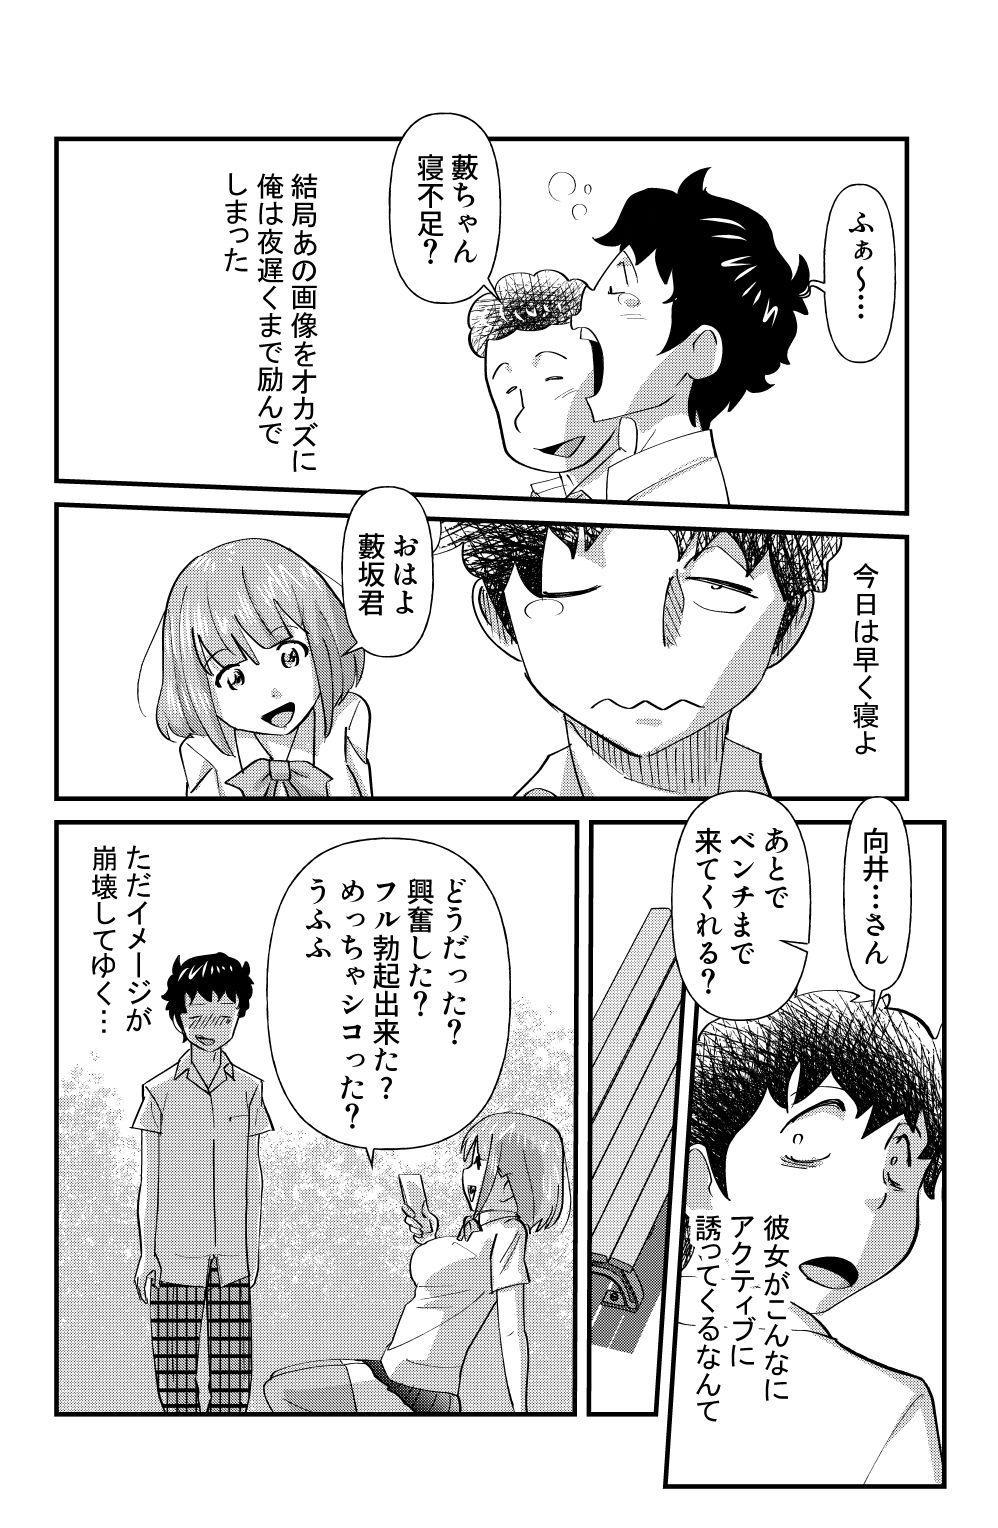 Otonashii-kei Joshi Mukai Honoka no Nichijou o Shitta Toki... 5